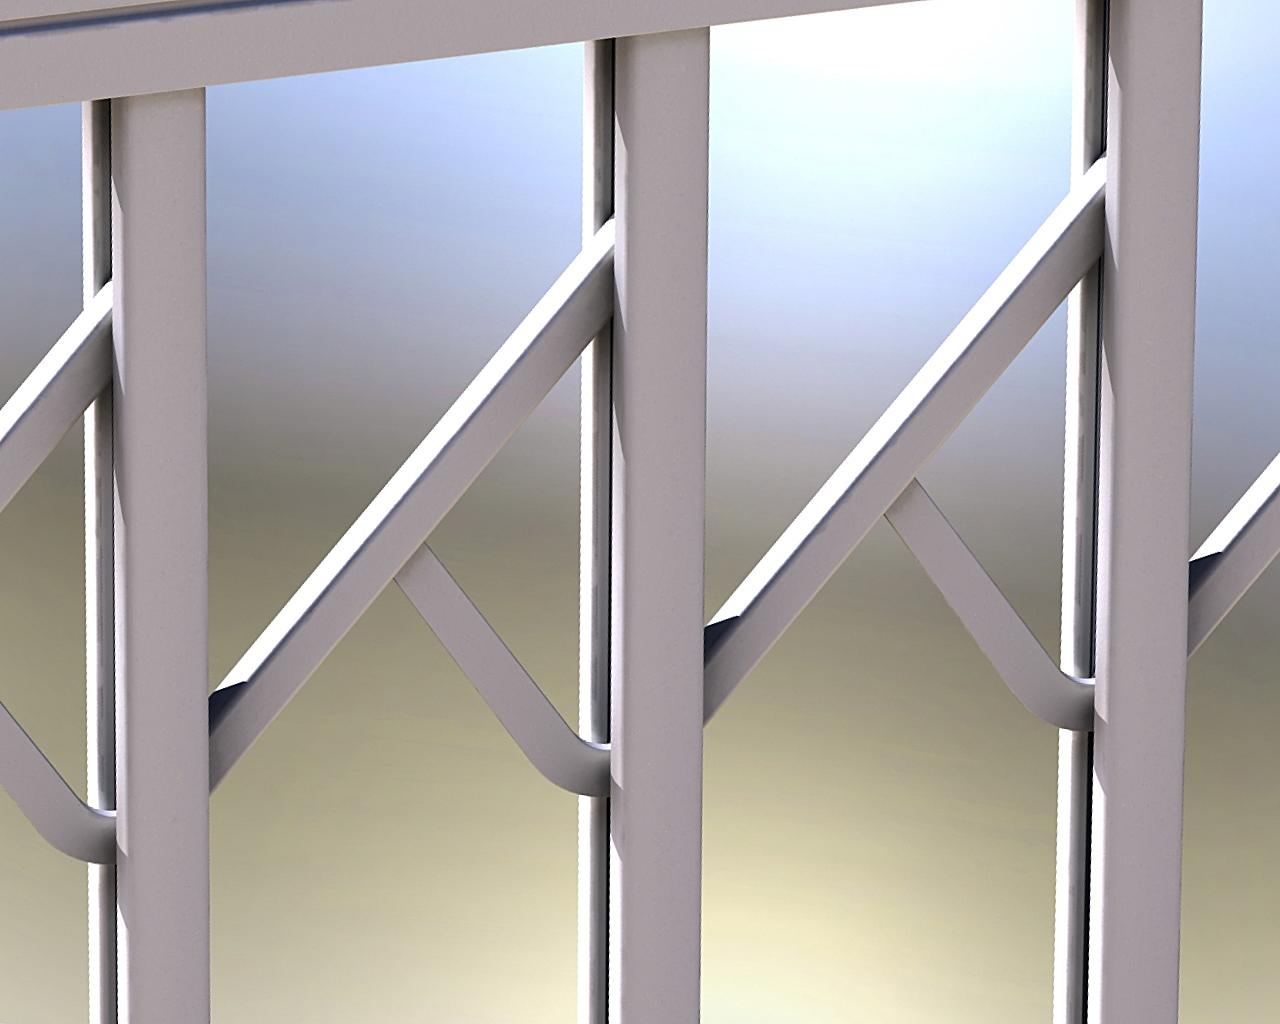 Aumentare la sicurezza della casa e tenere lontano i malintenzionati